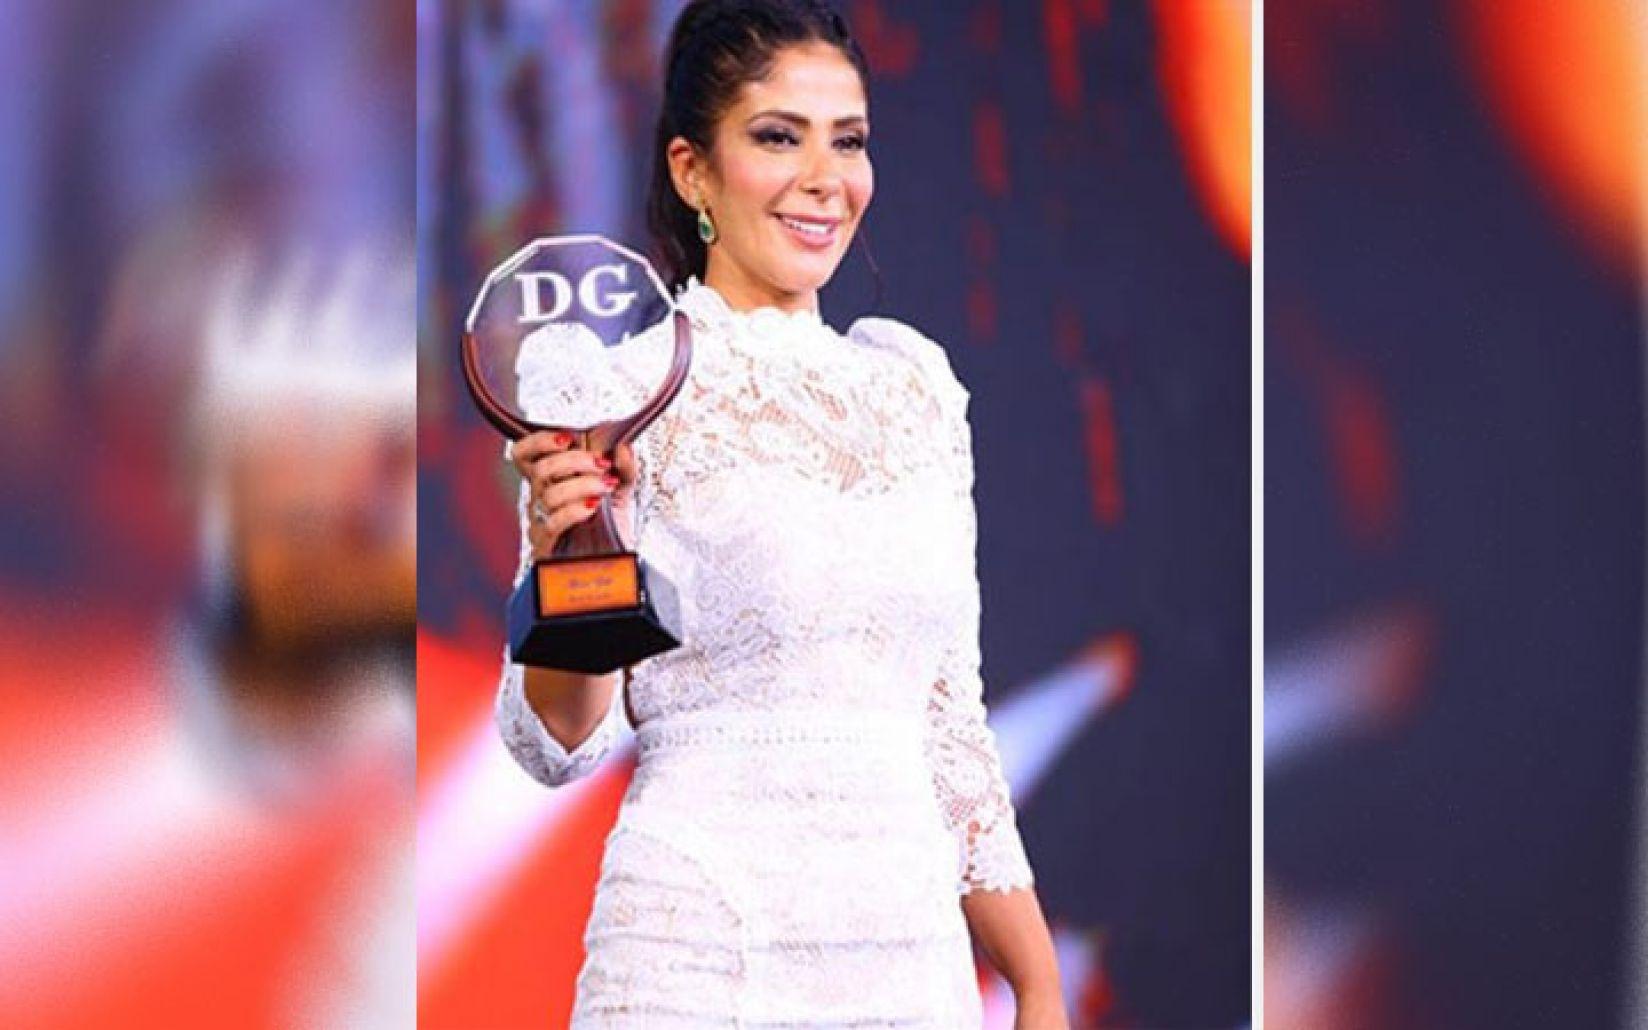 الفنانة المصرية منى زكي ترد على تصرف تسبب بجدلٍ واسع على مواقع التواصل الإجتماعي بسبب ياسمين عبد العزيز